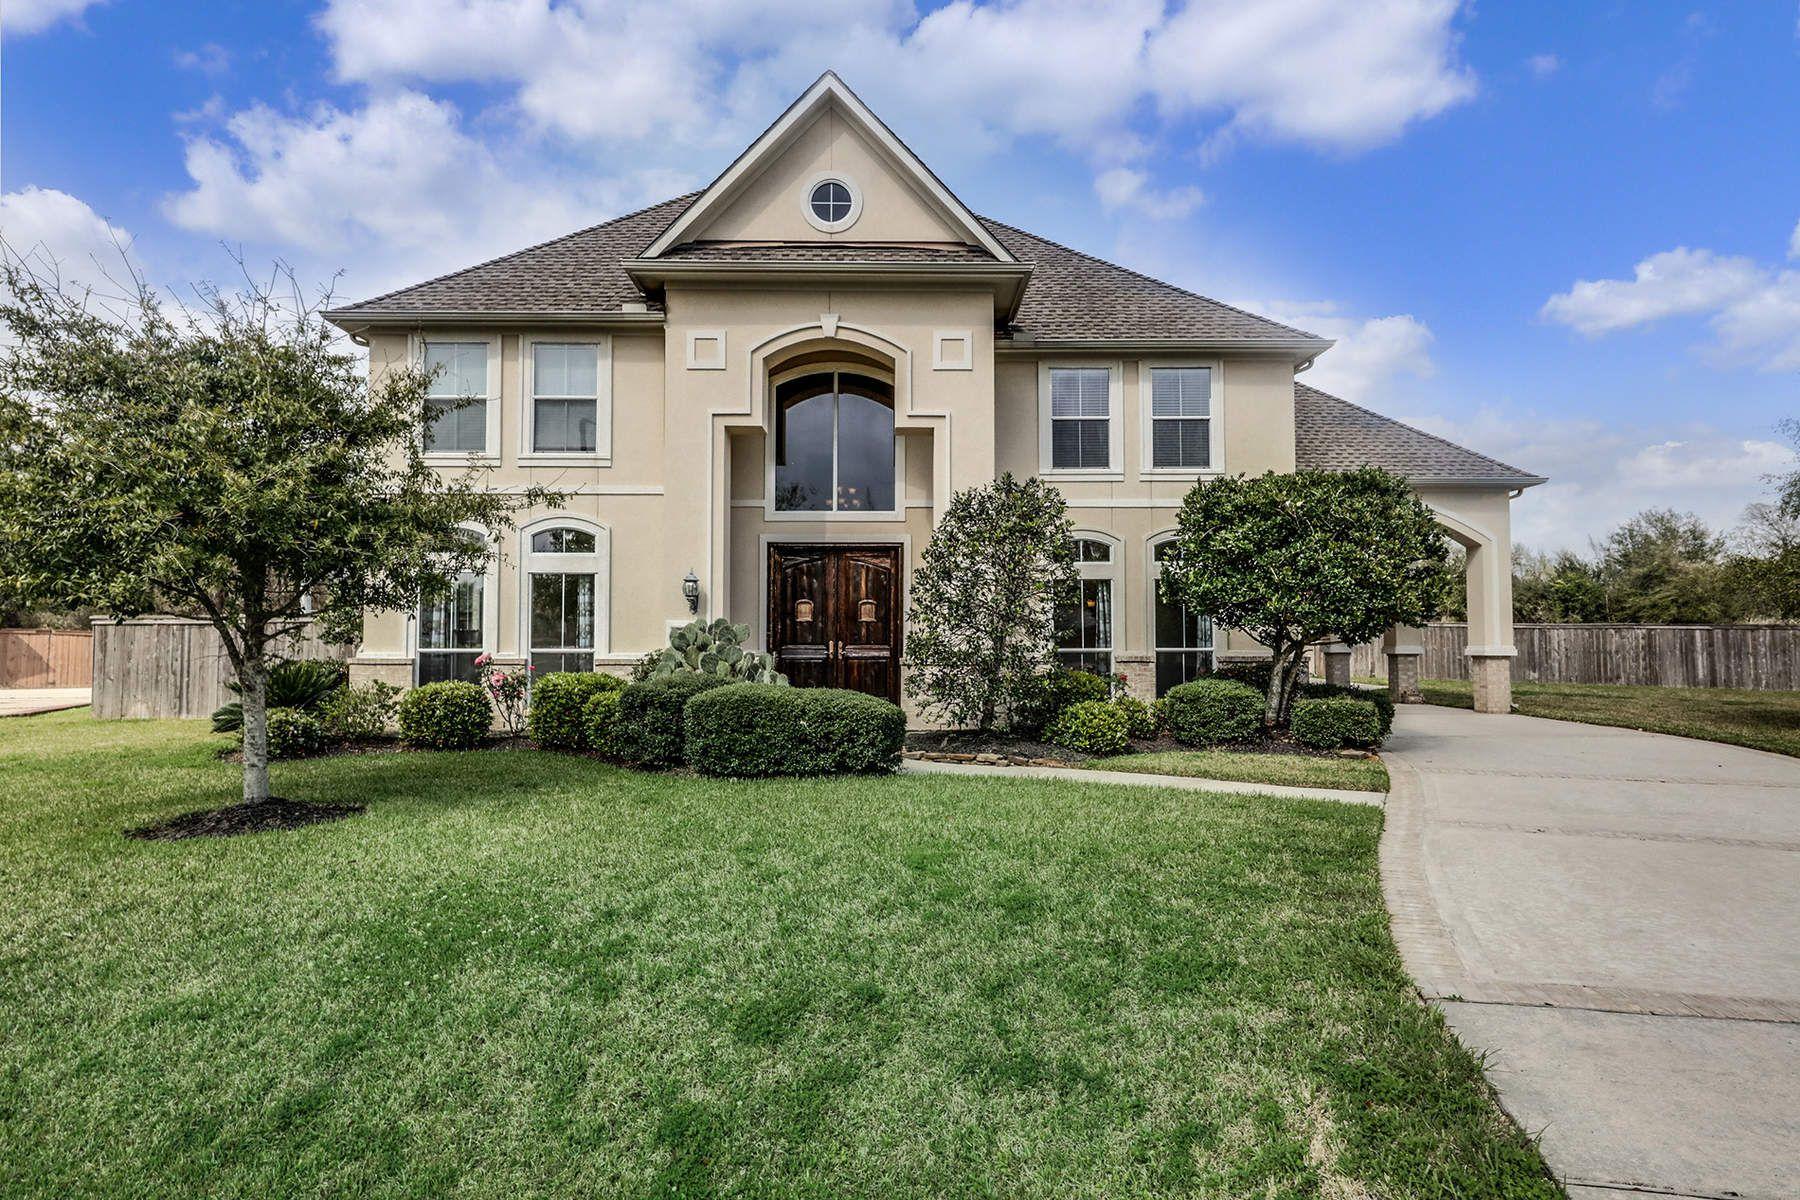 واحد منزل الأسرة للـ Sale في 2214 Lakeway Drive Friendswood, Texas, 77546 United States